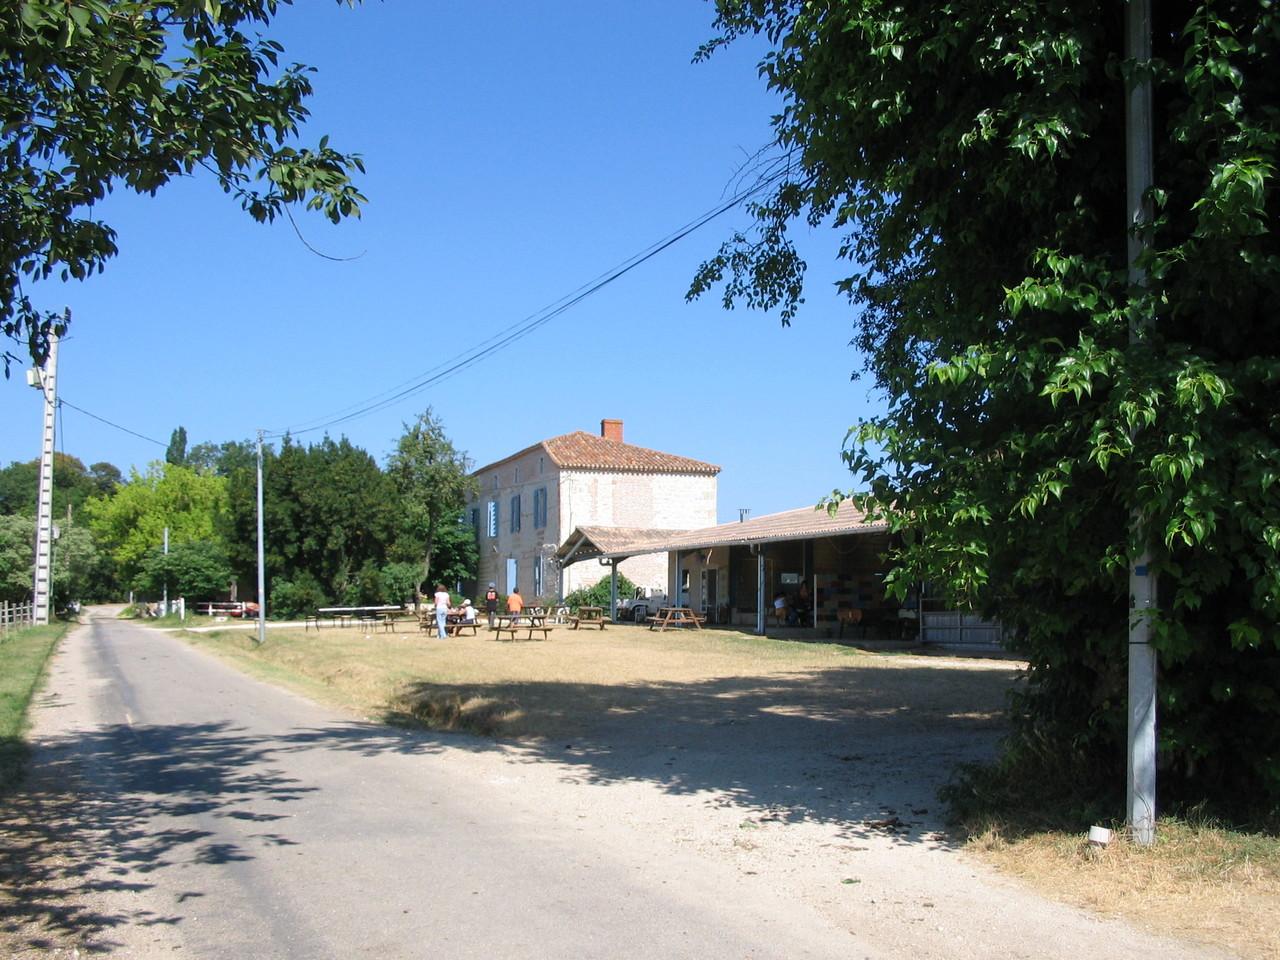 A droite de la grande maison, la maison bois avec la cantine et les terrasses